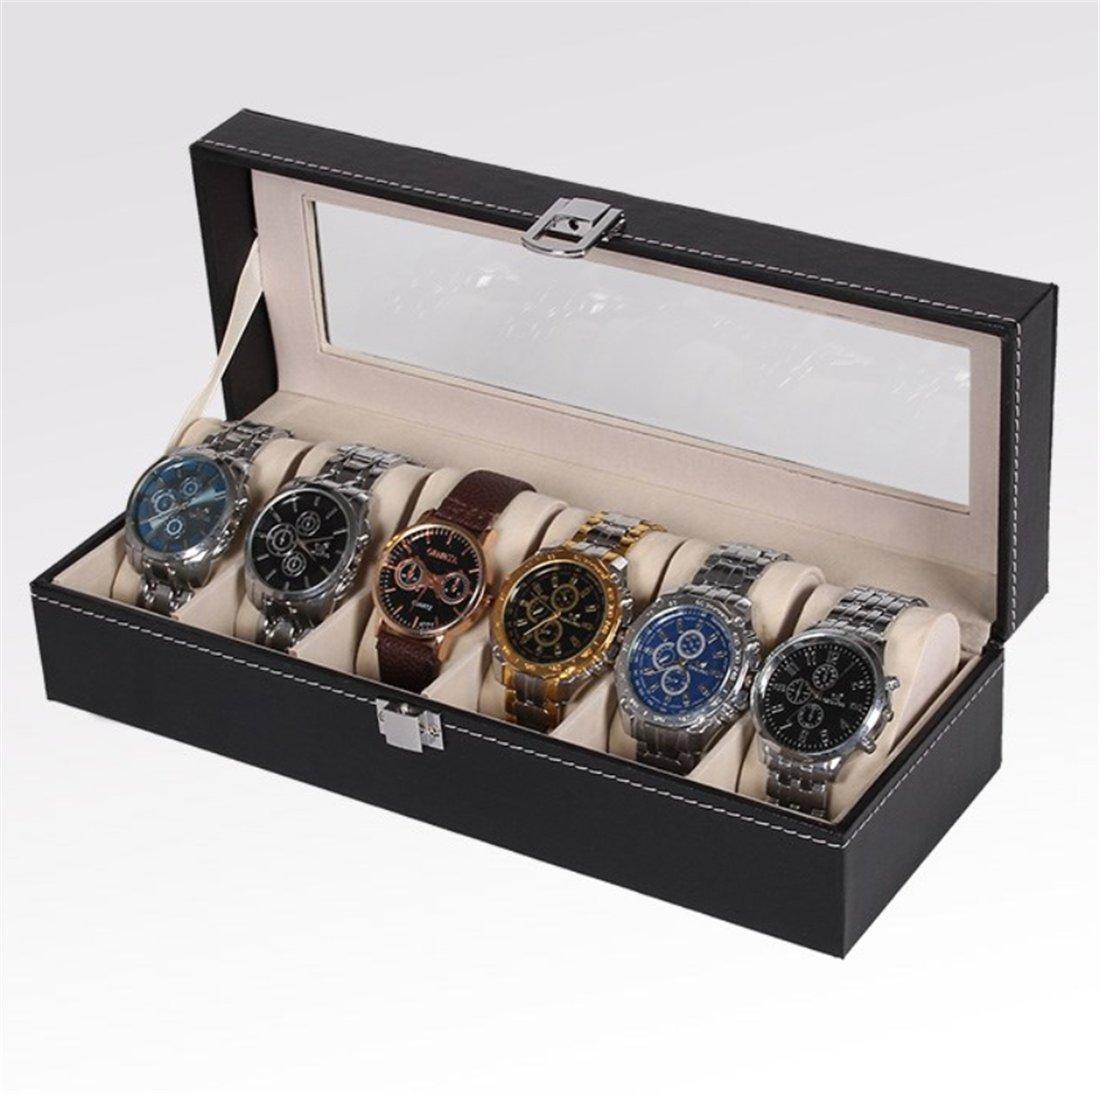 メンズのDower時計ボックスとValet引き出し、6スロット高級時計ケース表示オーガナイザー、カーボンファイバーデザイン – メタルバックルメンズ用ジュエリー腕時計、メンズのストレージホルダーボックスは大ガラストップ B078R184CG